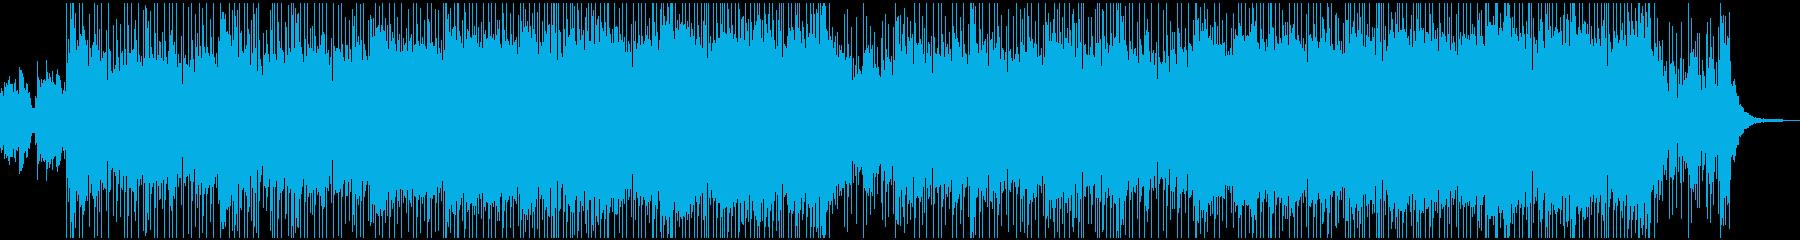 快晴の大空・生スライドGtの再生済みの波形